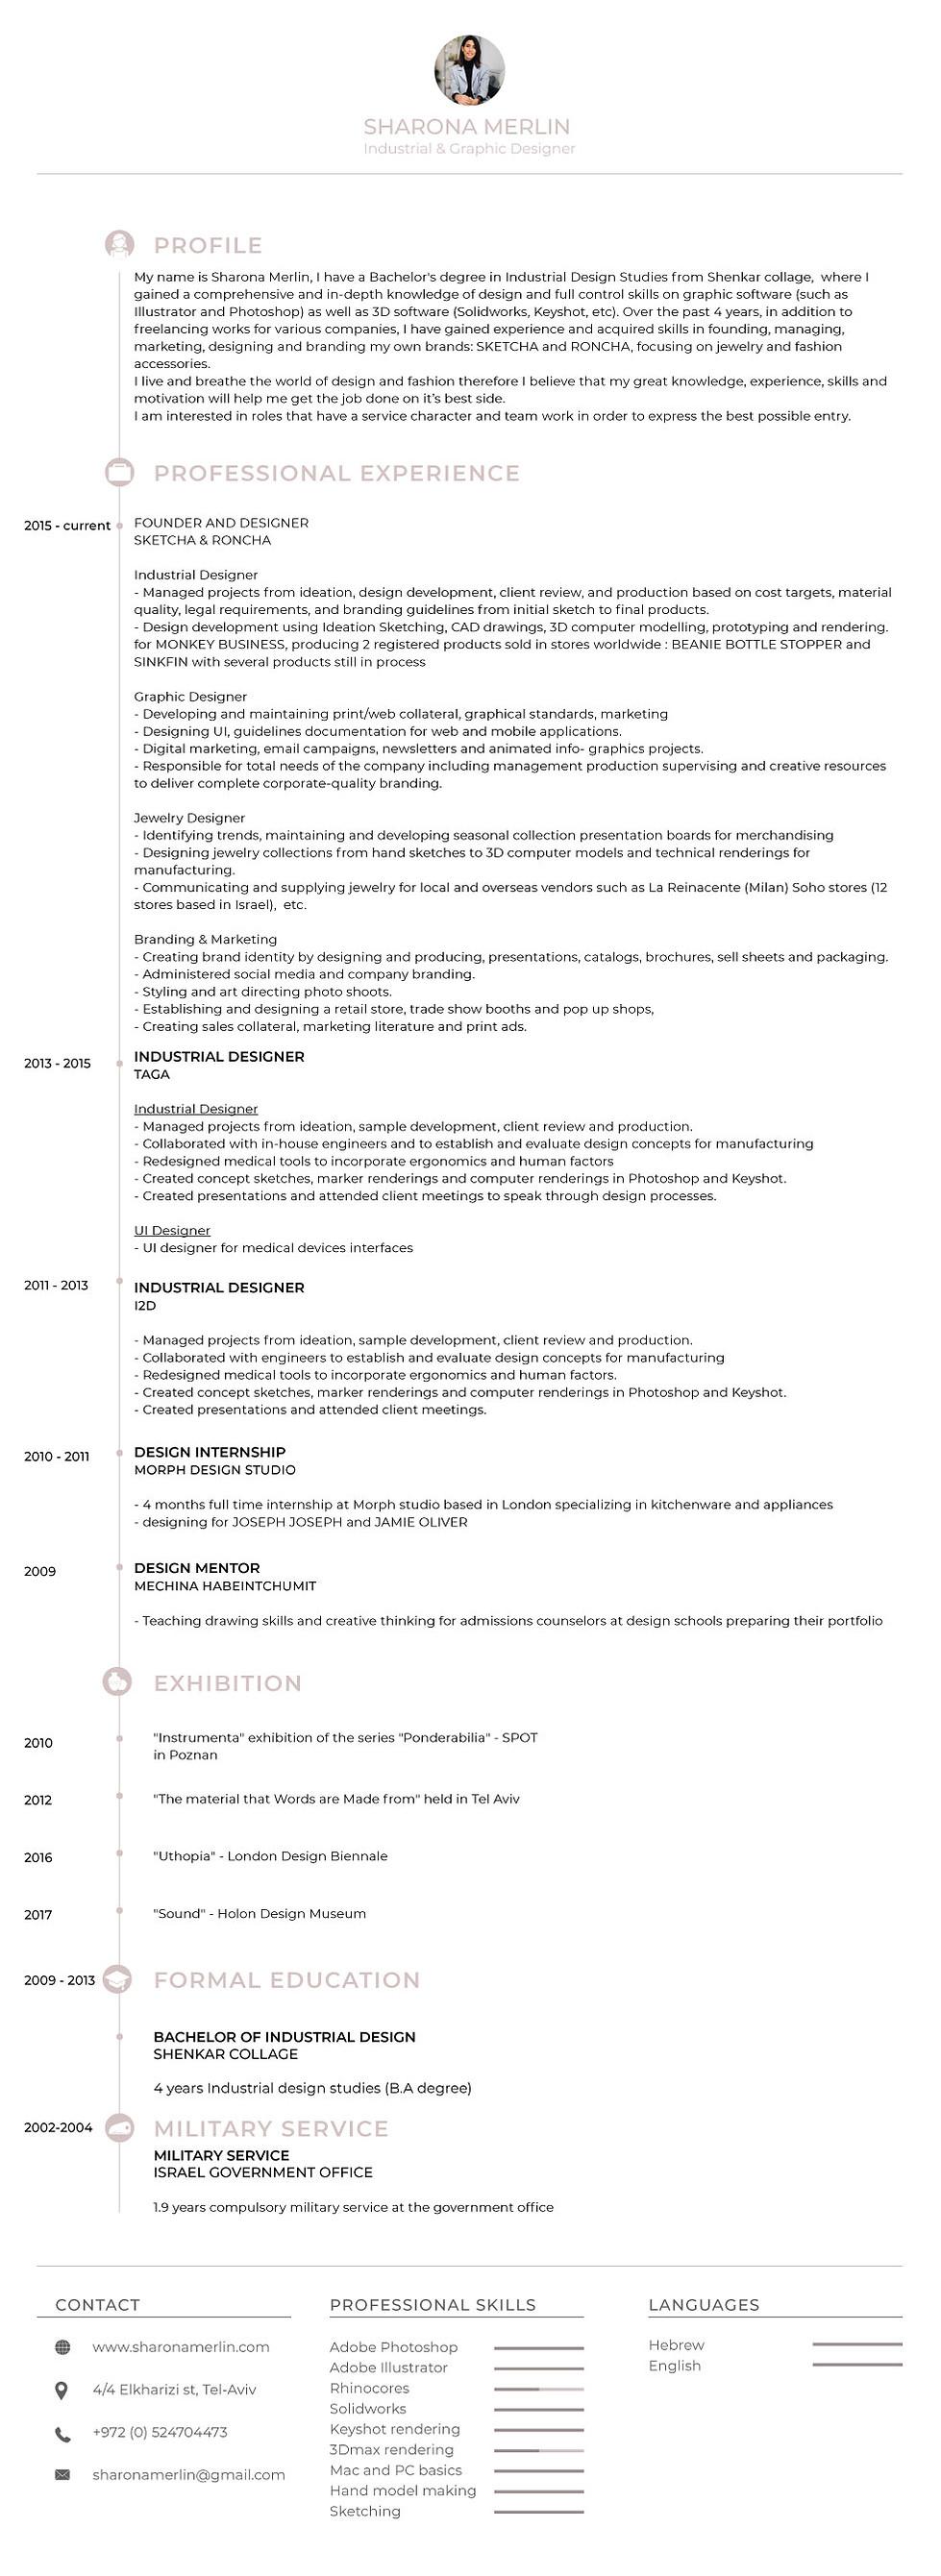 CV--SHARONA-MERLIN.jpg